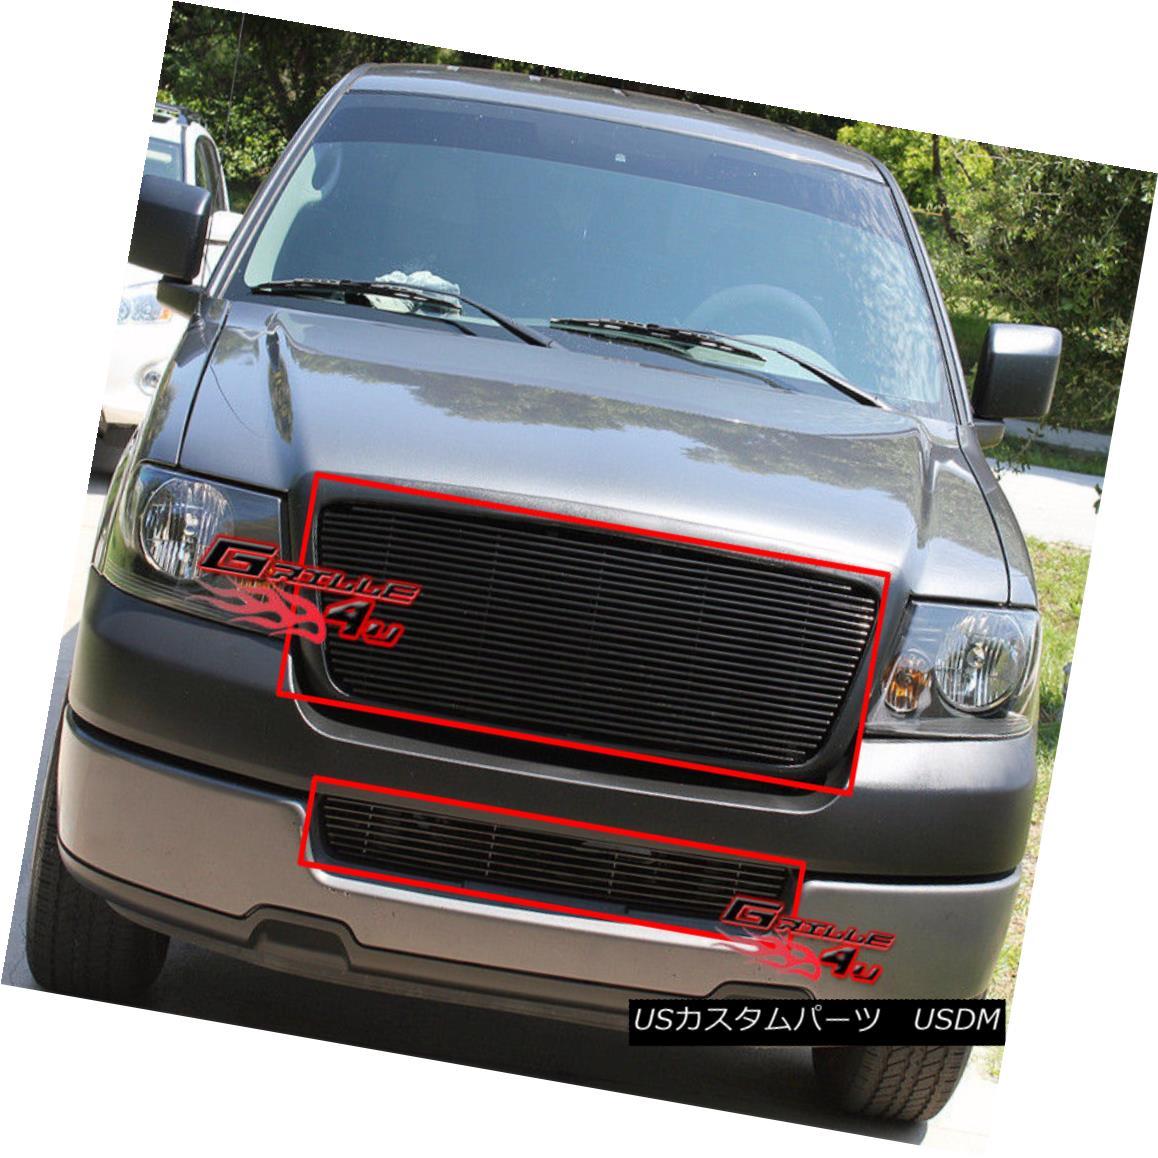 グリル Fits 2006-2008 Ford F-150 Black Billet Grille Combo フィット2006-2008フォードF - 150ブラックビレットグリルコンボ